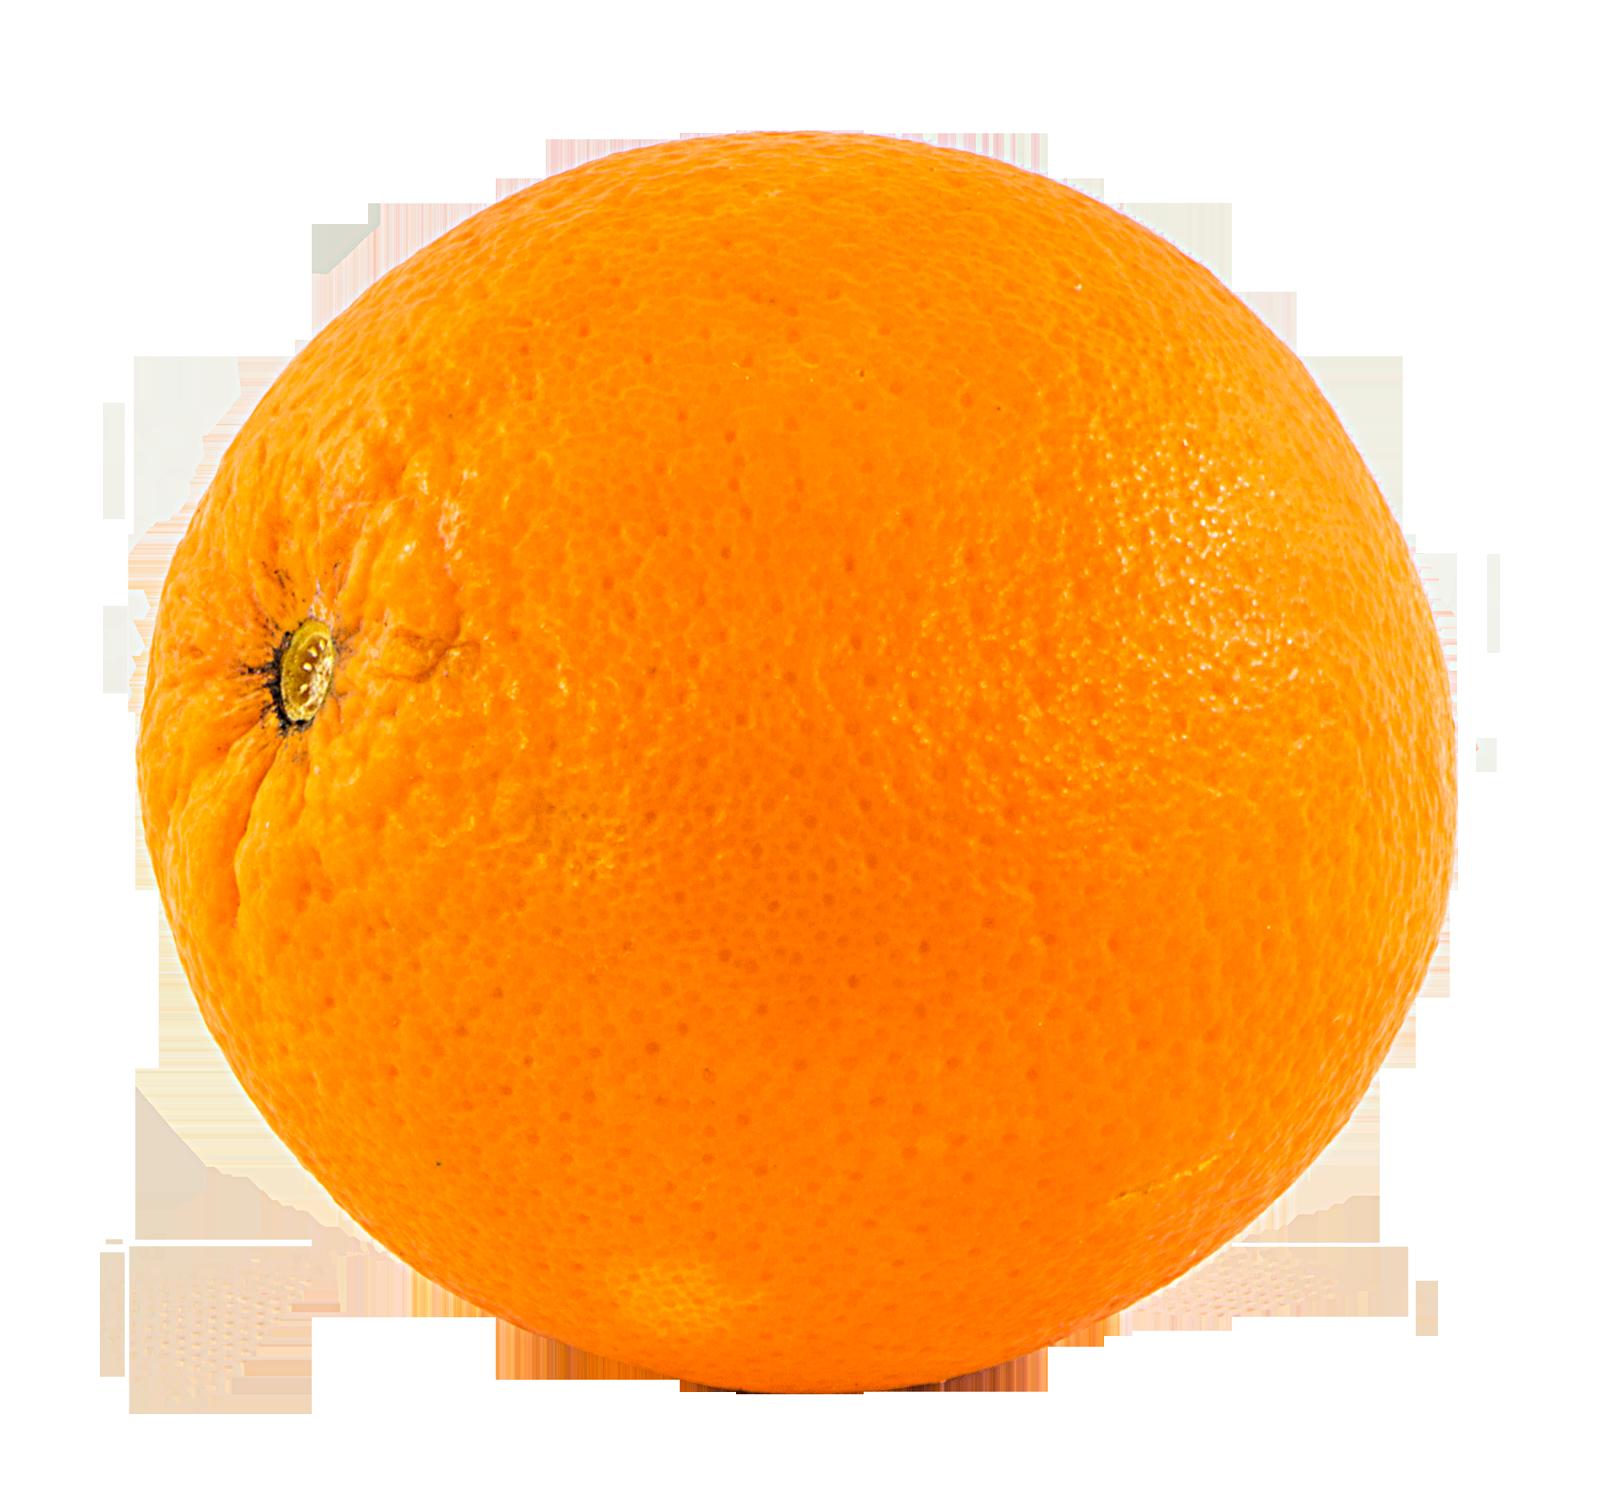 Orange Png Image Orange Free Png Free Png Downloads